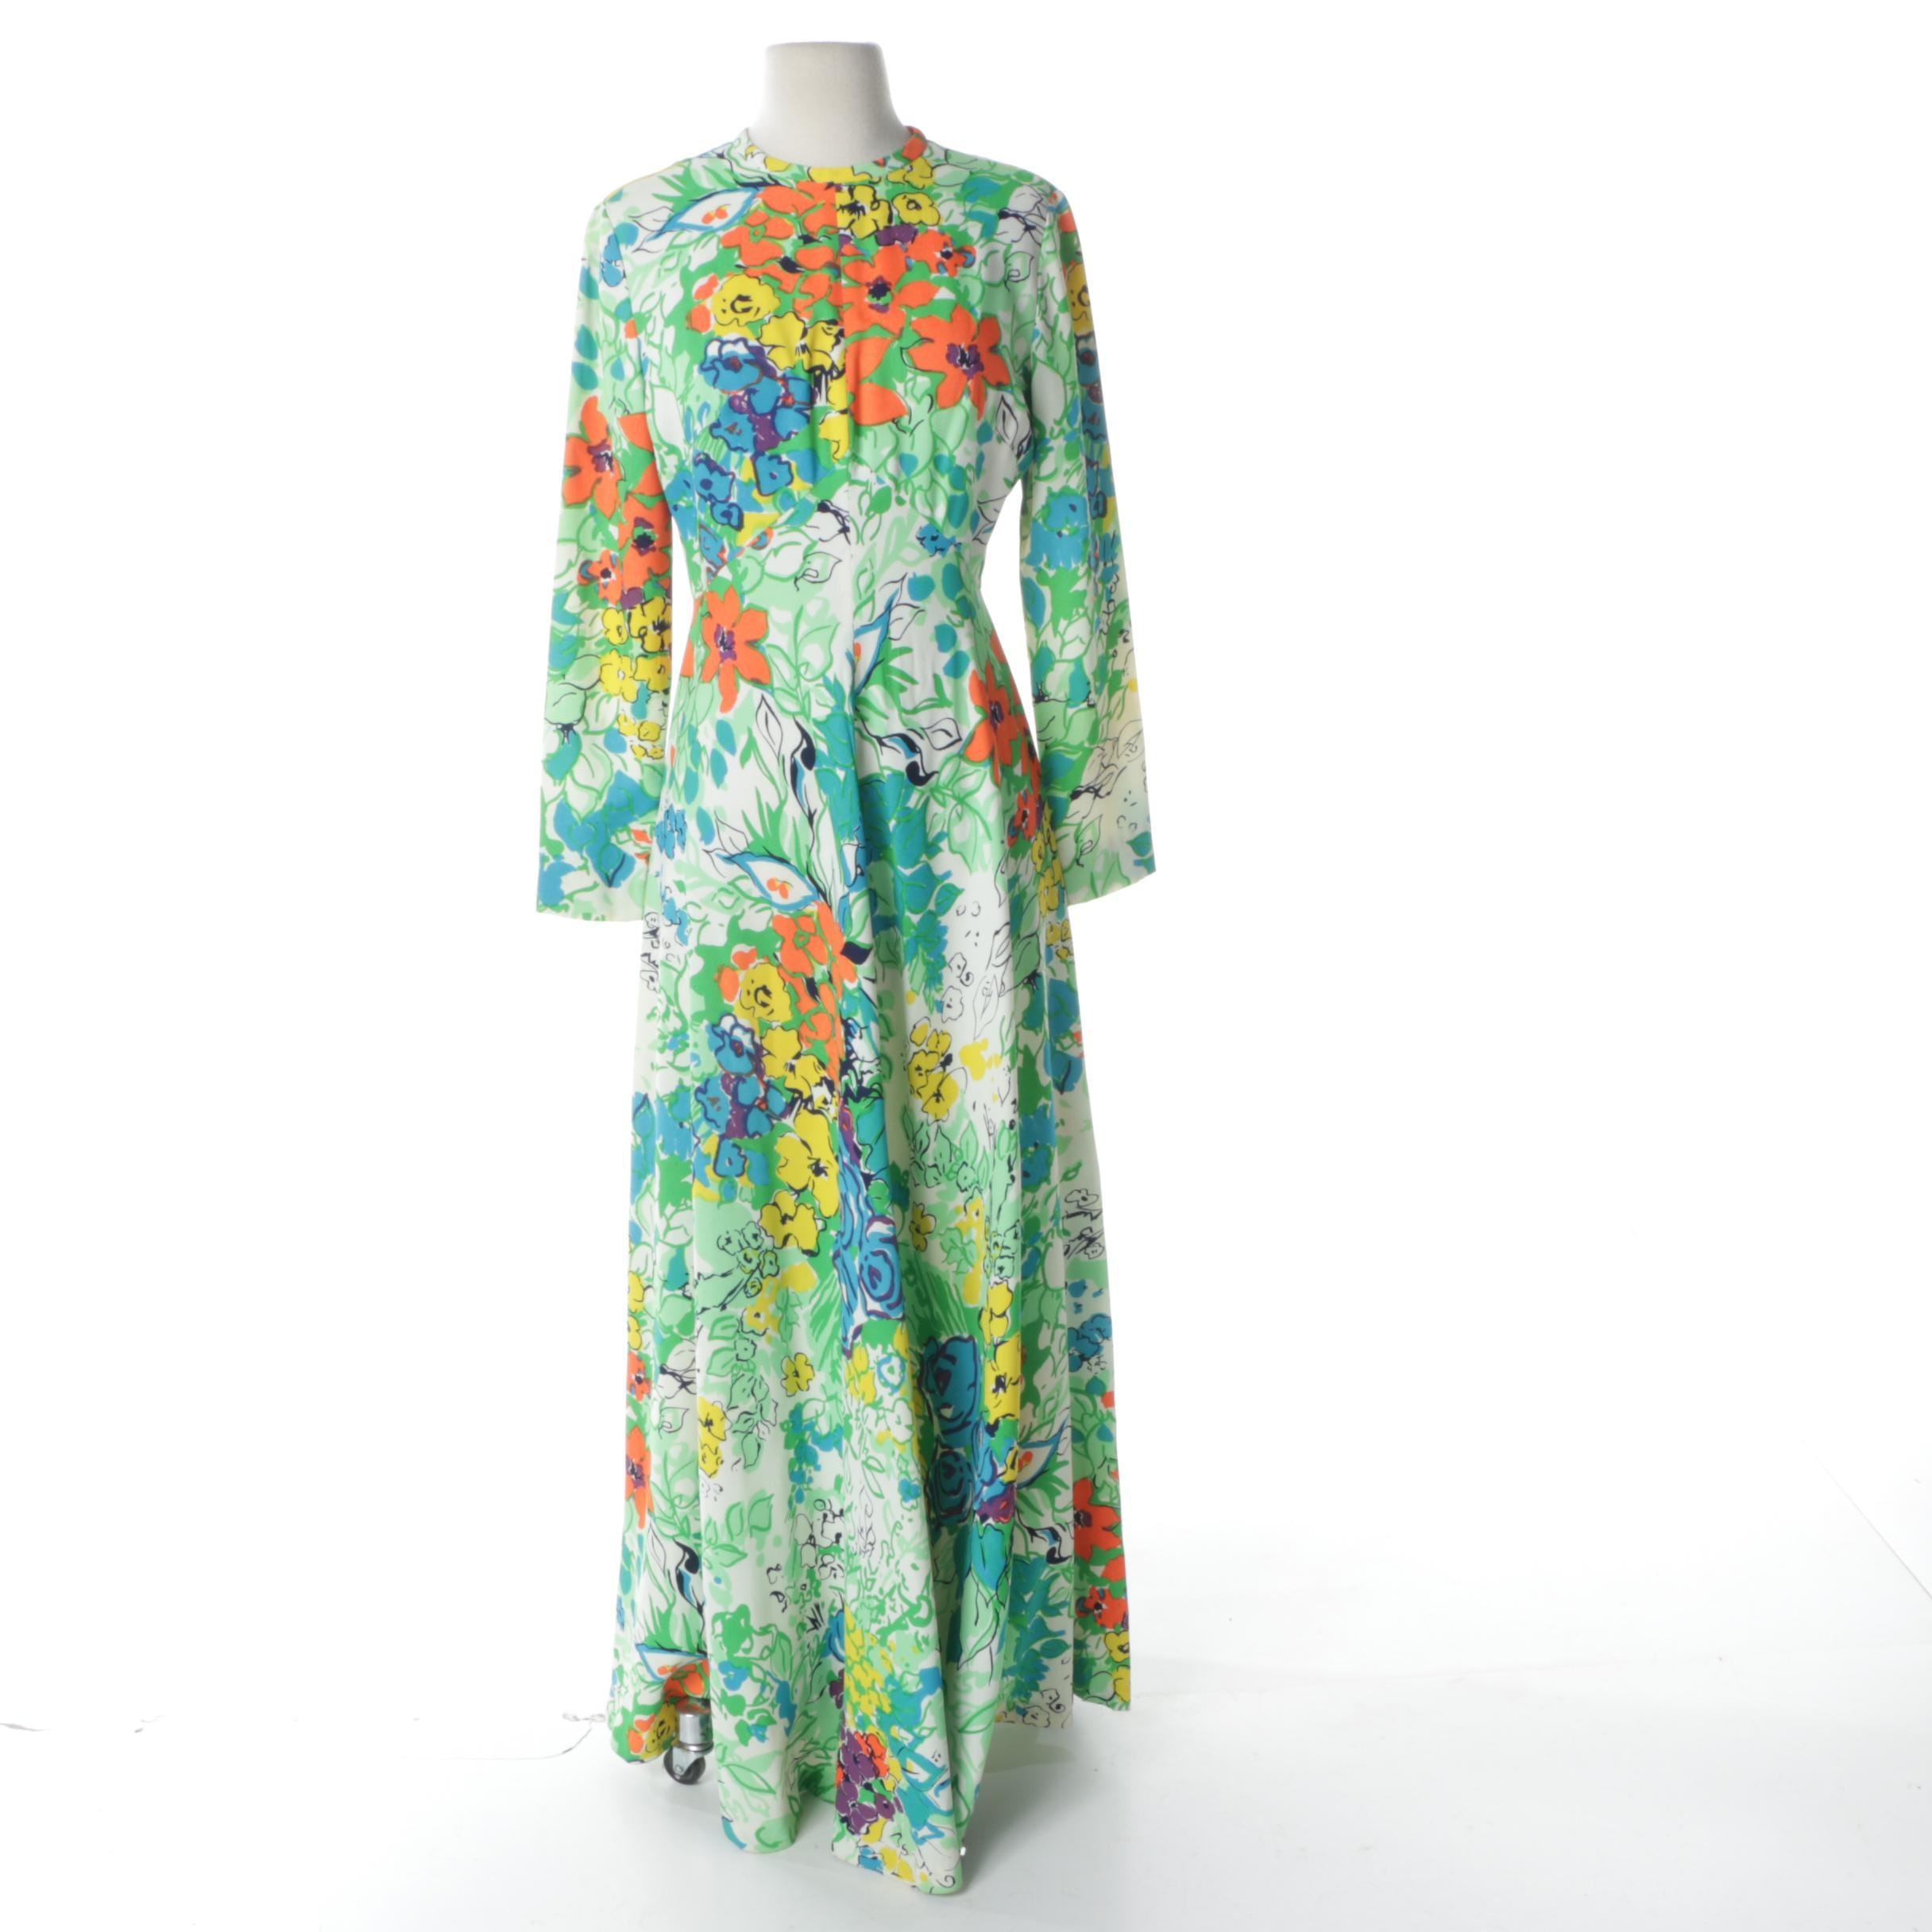 Vintage Neiman Marcus Floral Print Dress